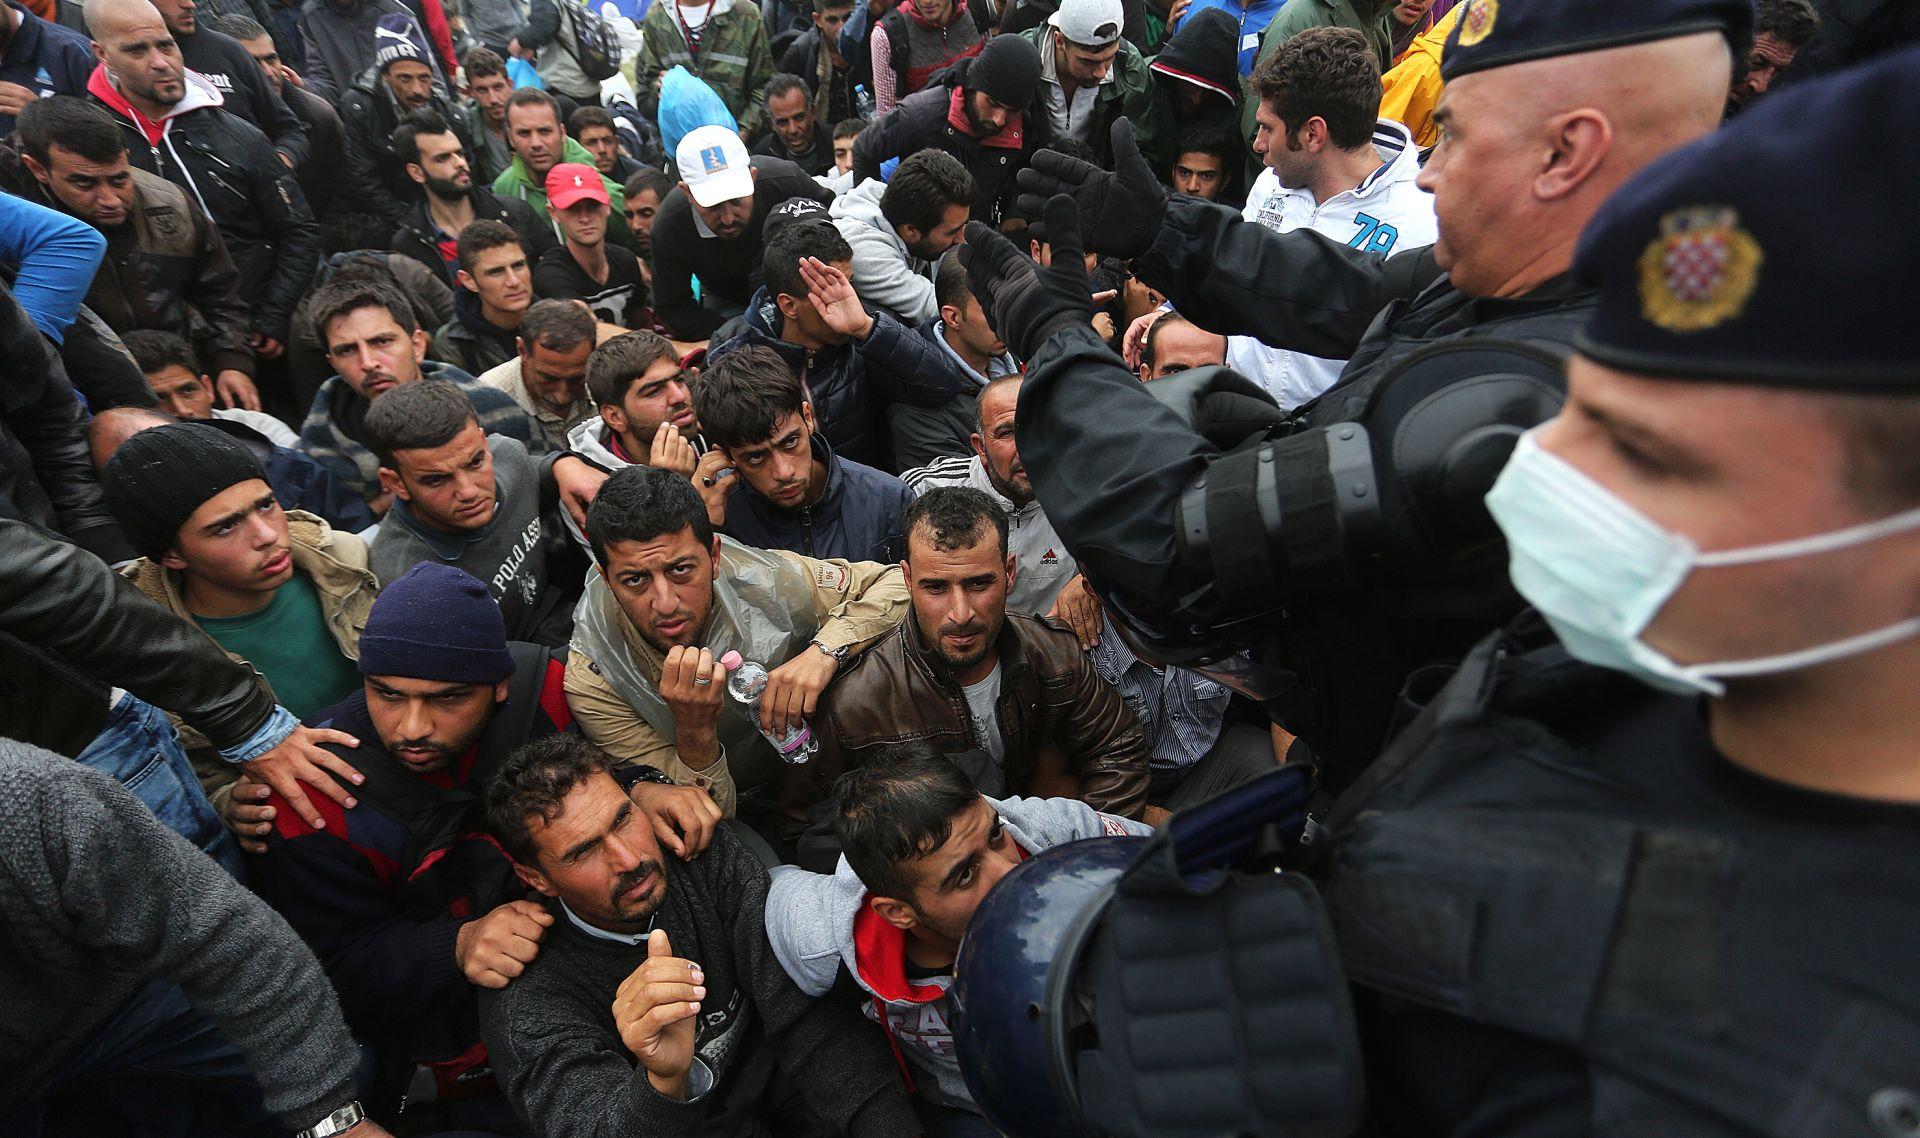 HDZ O IZBJEGLIČKOJ KRIZI: Spriječiti nekontrolirani i nelegalni ulazak migranata